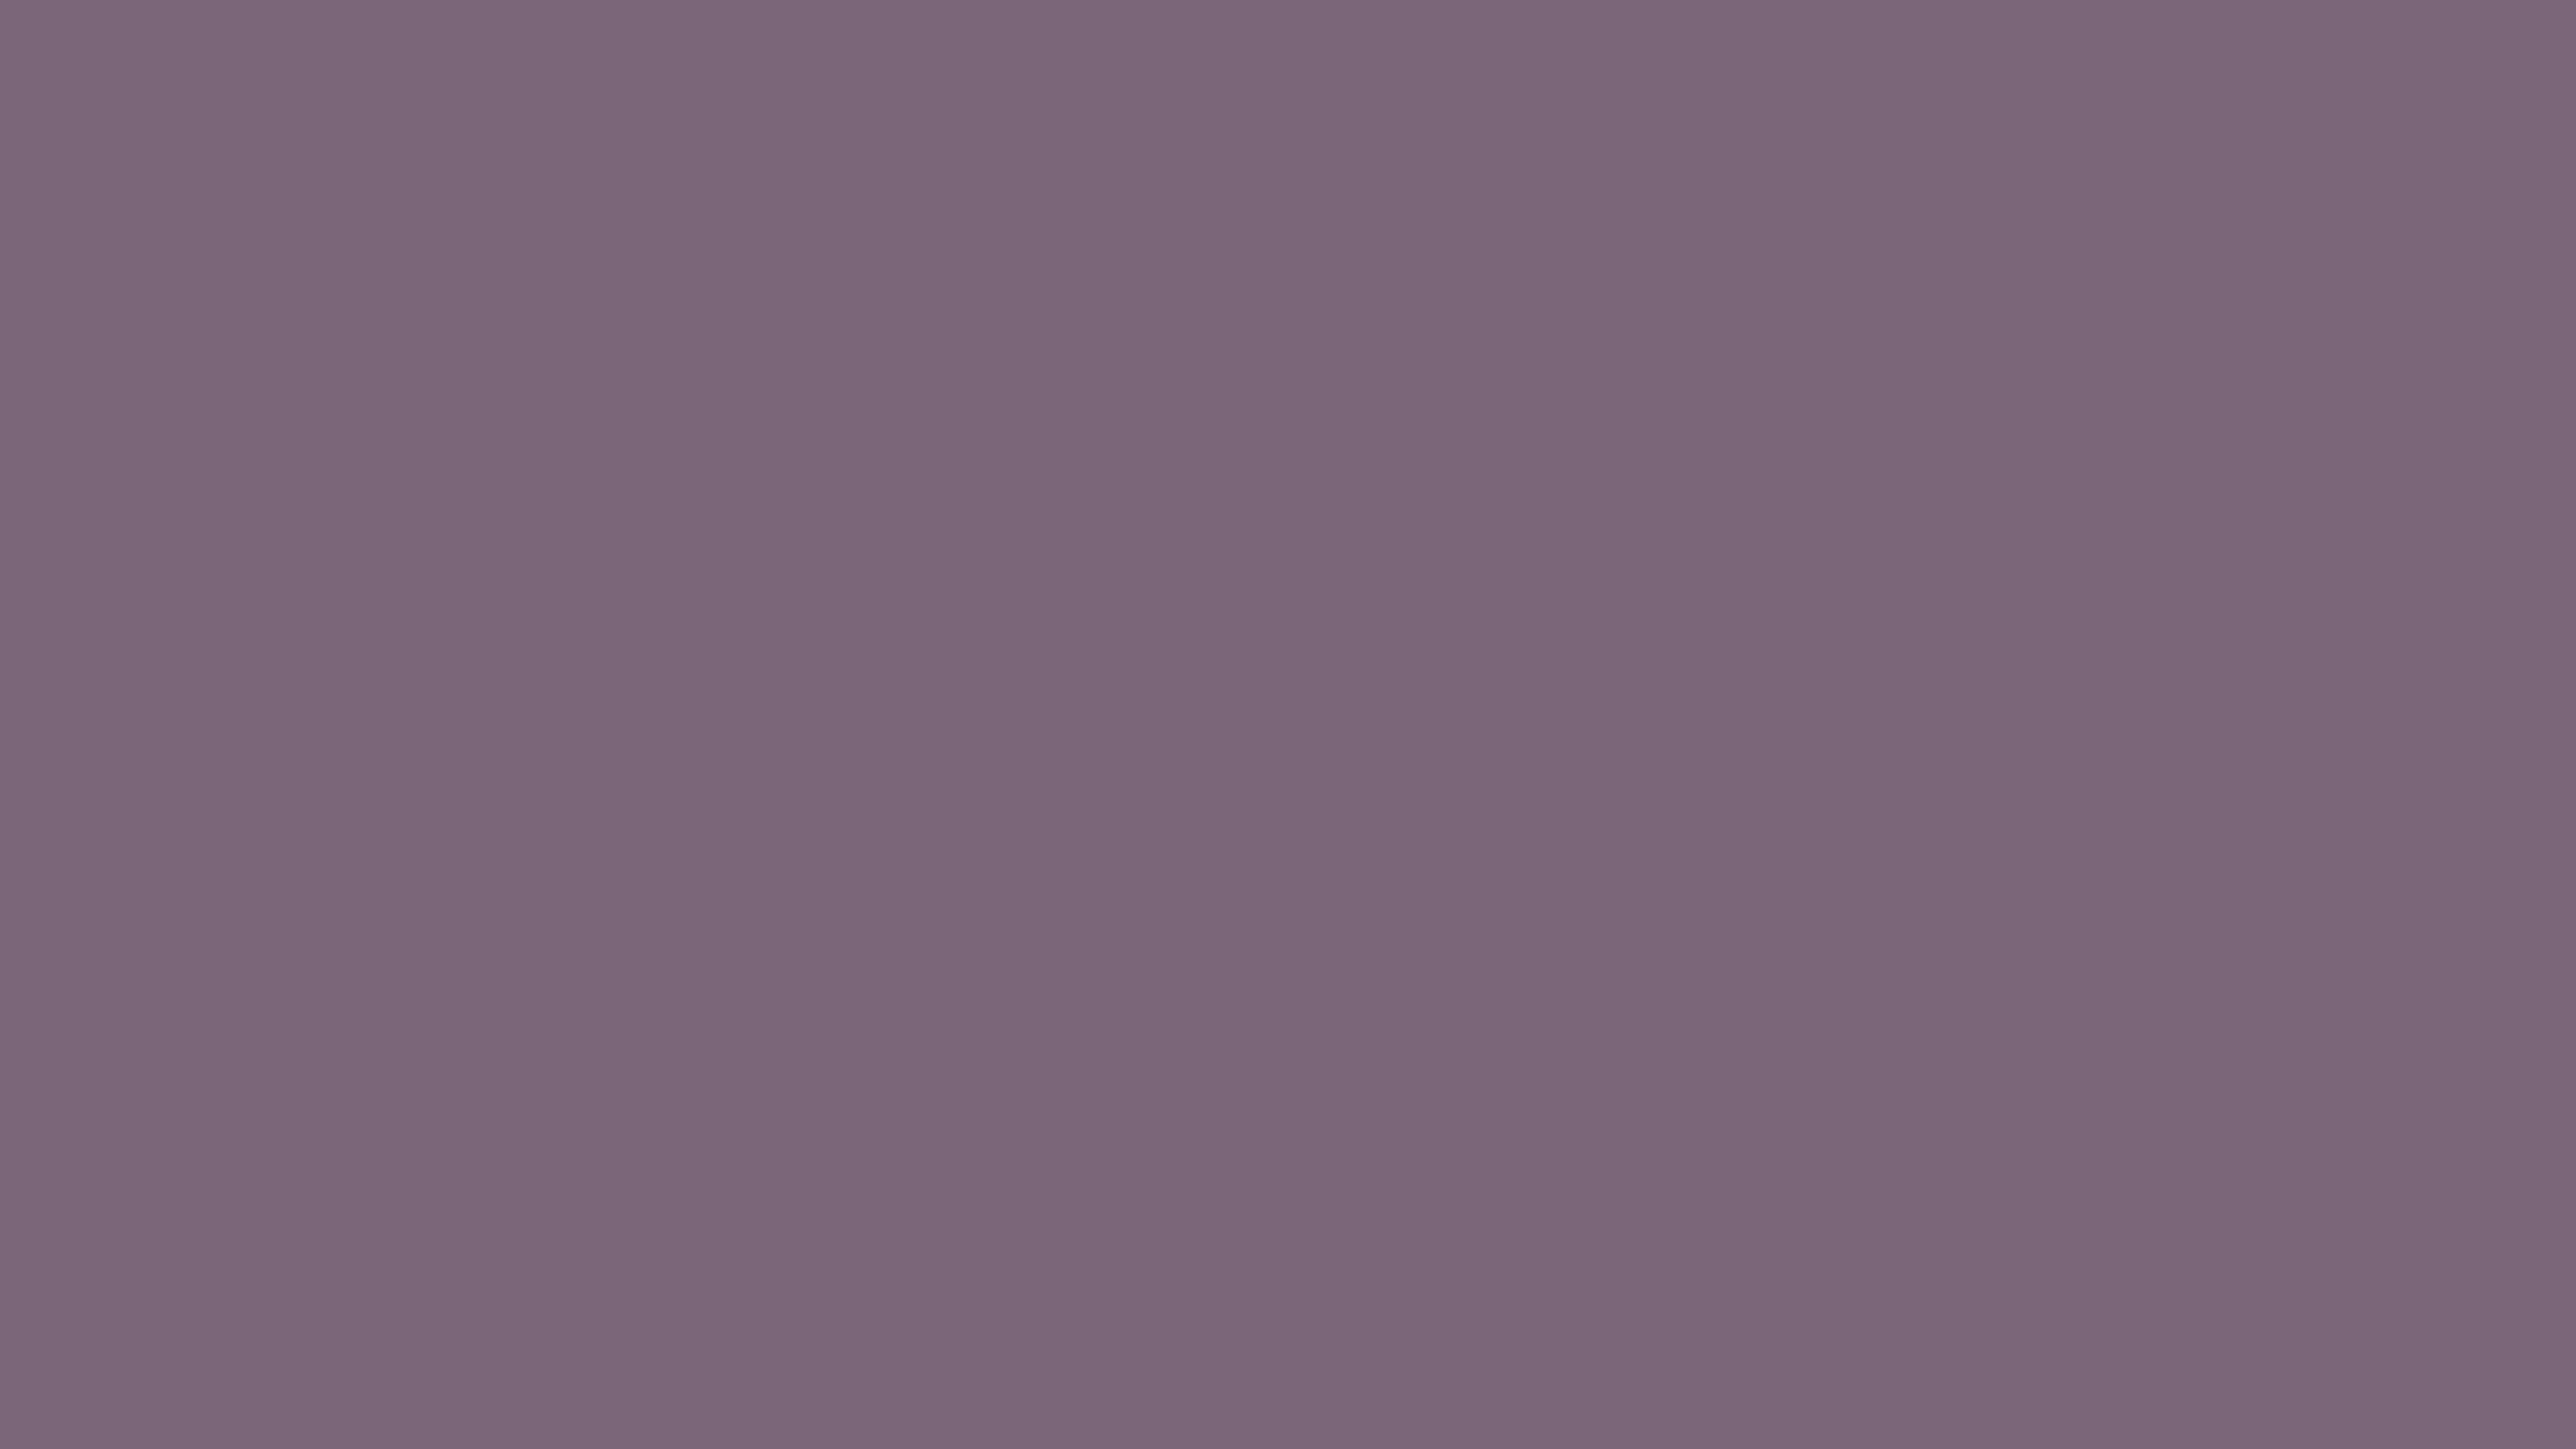 4096x2304 Old Lavender Solid Color Background